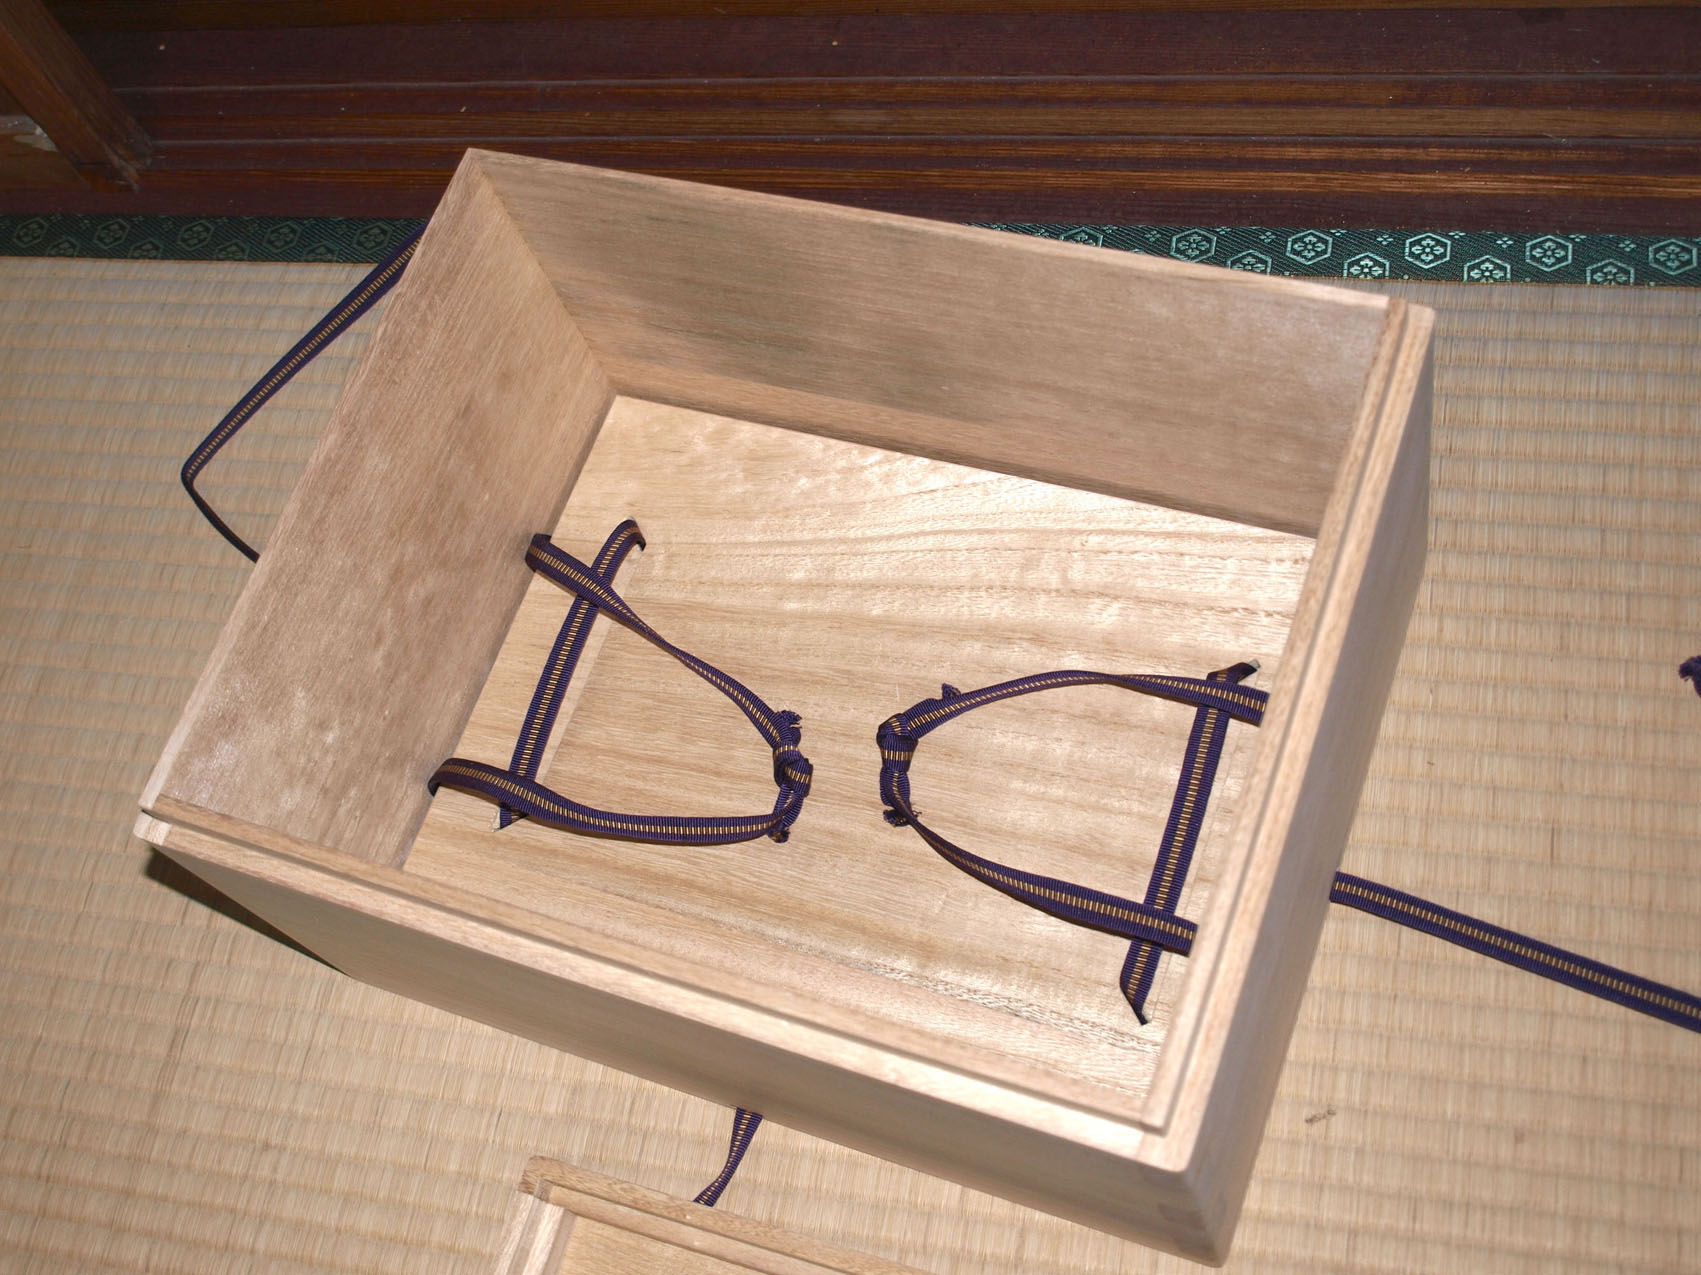 桐古文書箱1の本体内部の画像